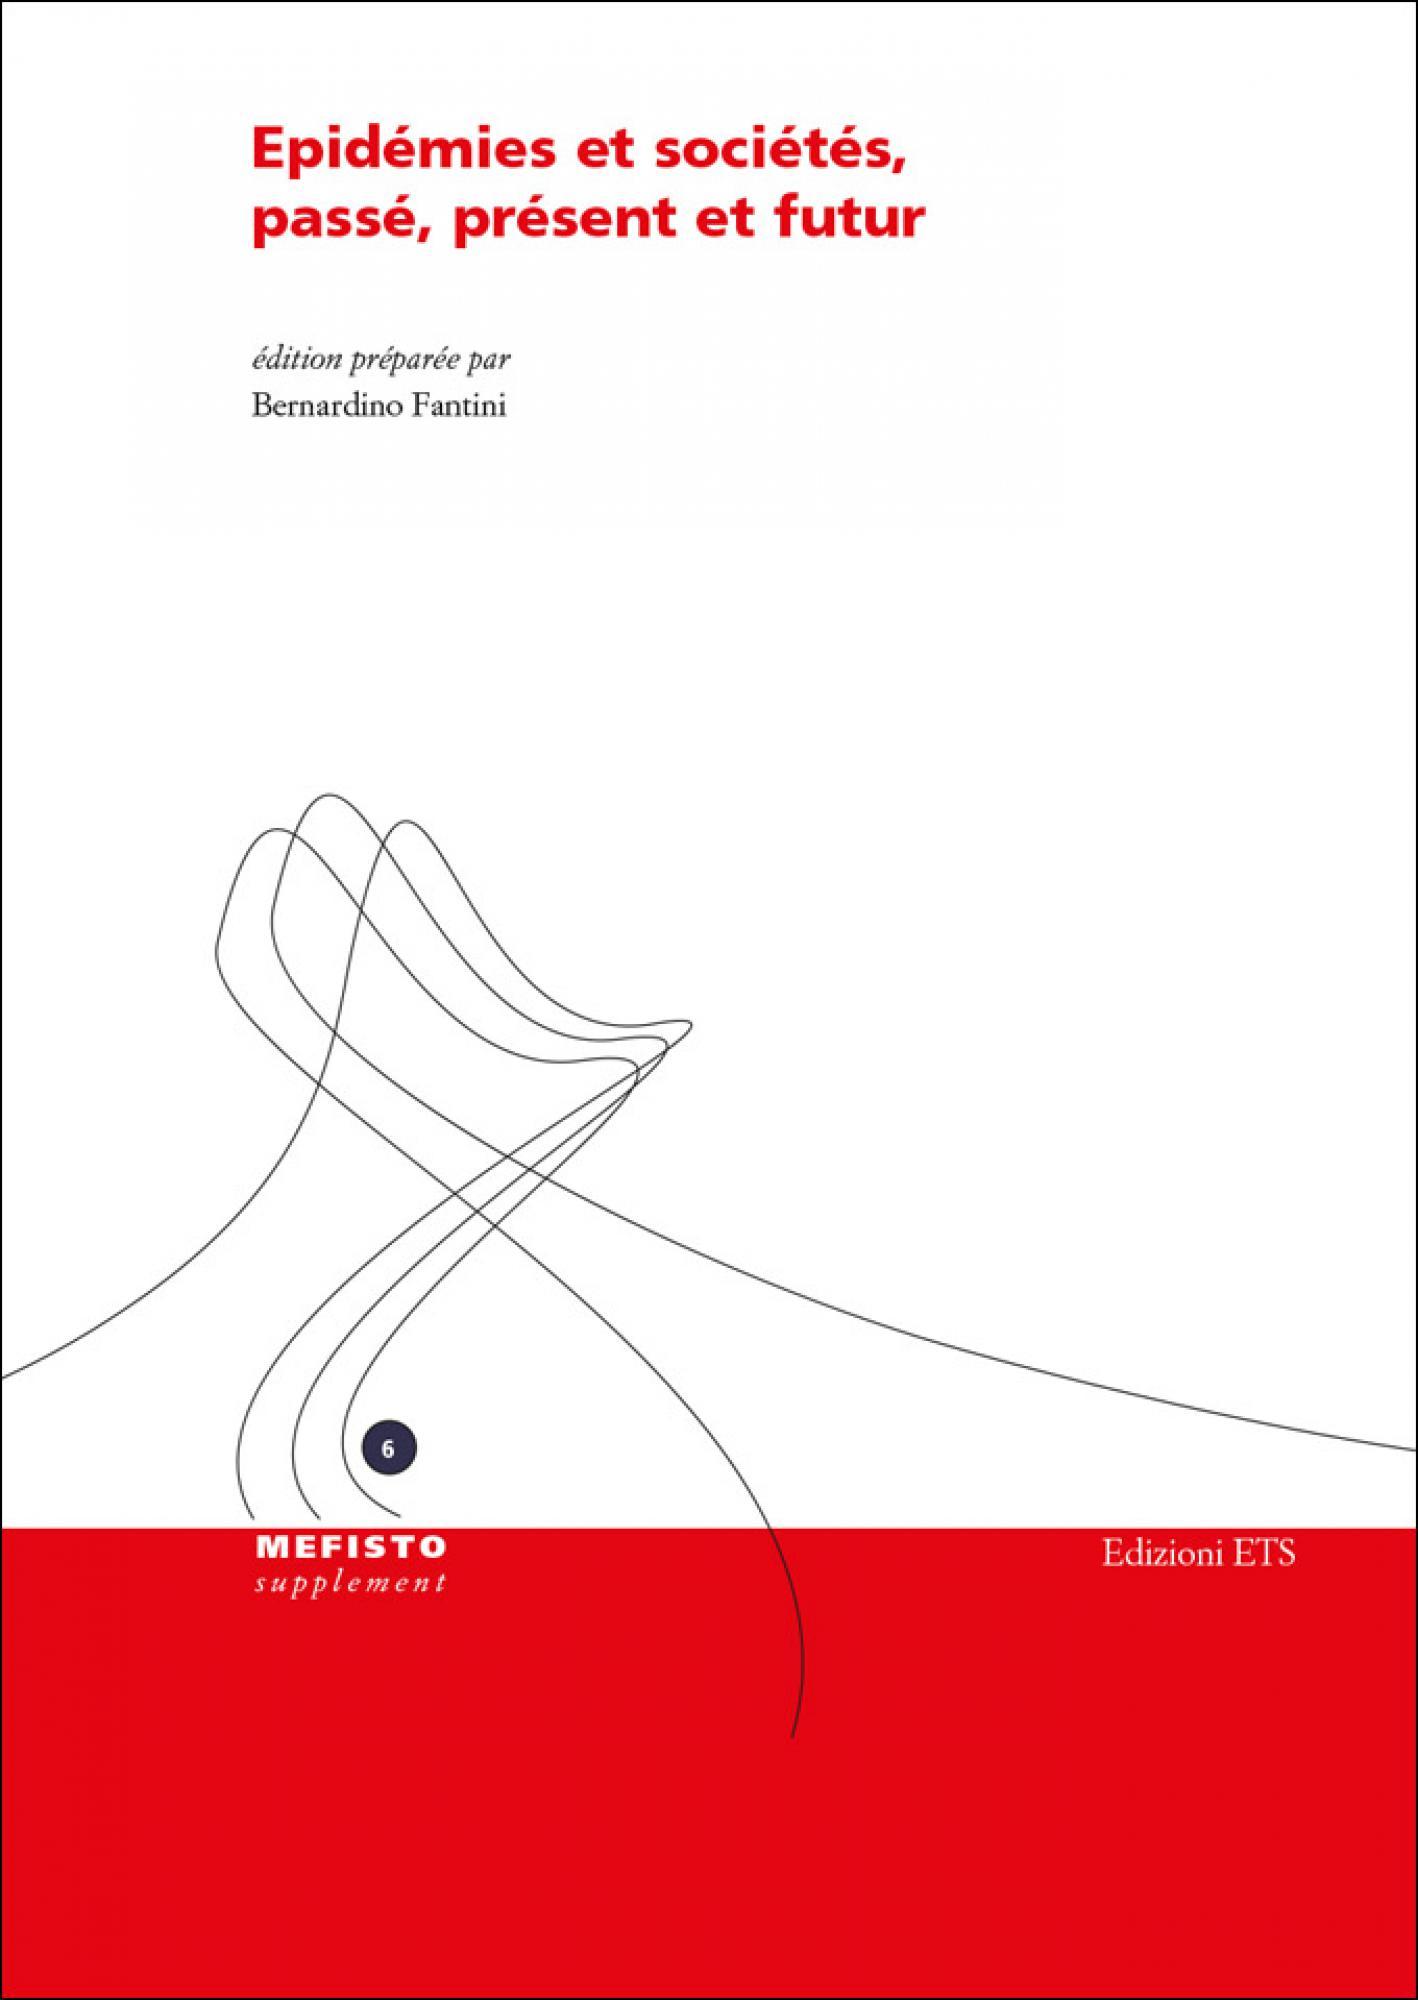 Epidémies et sociétés, passé, présent et futur